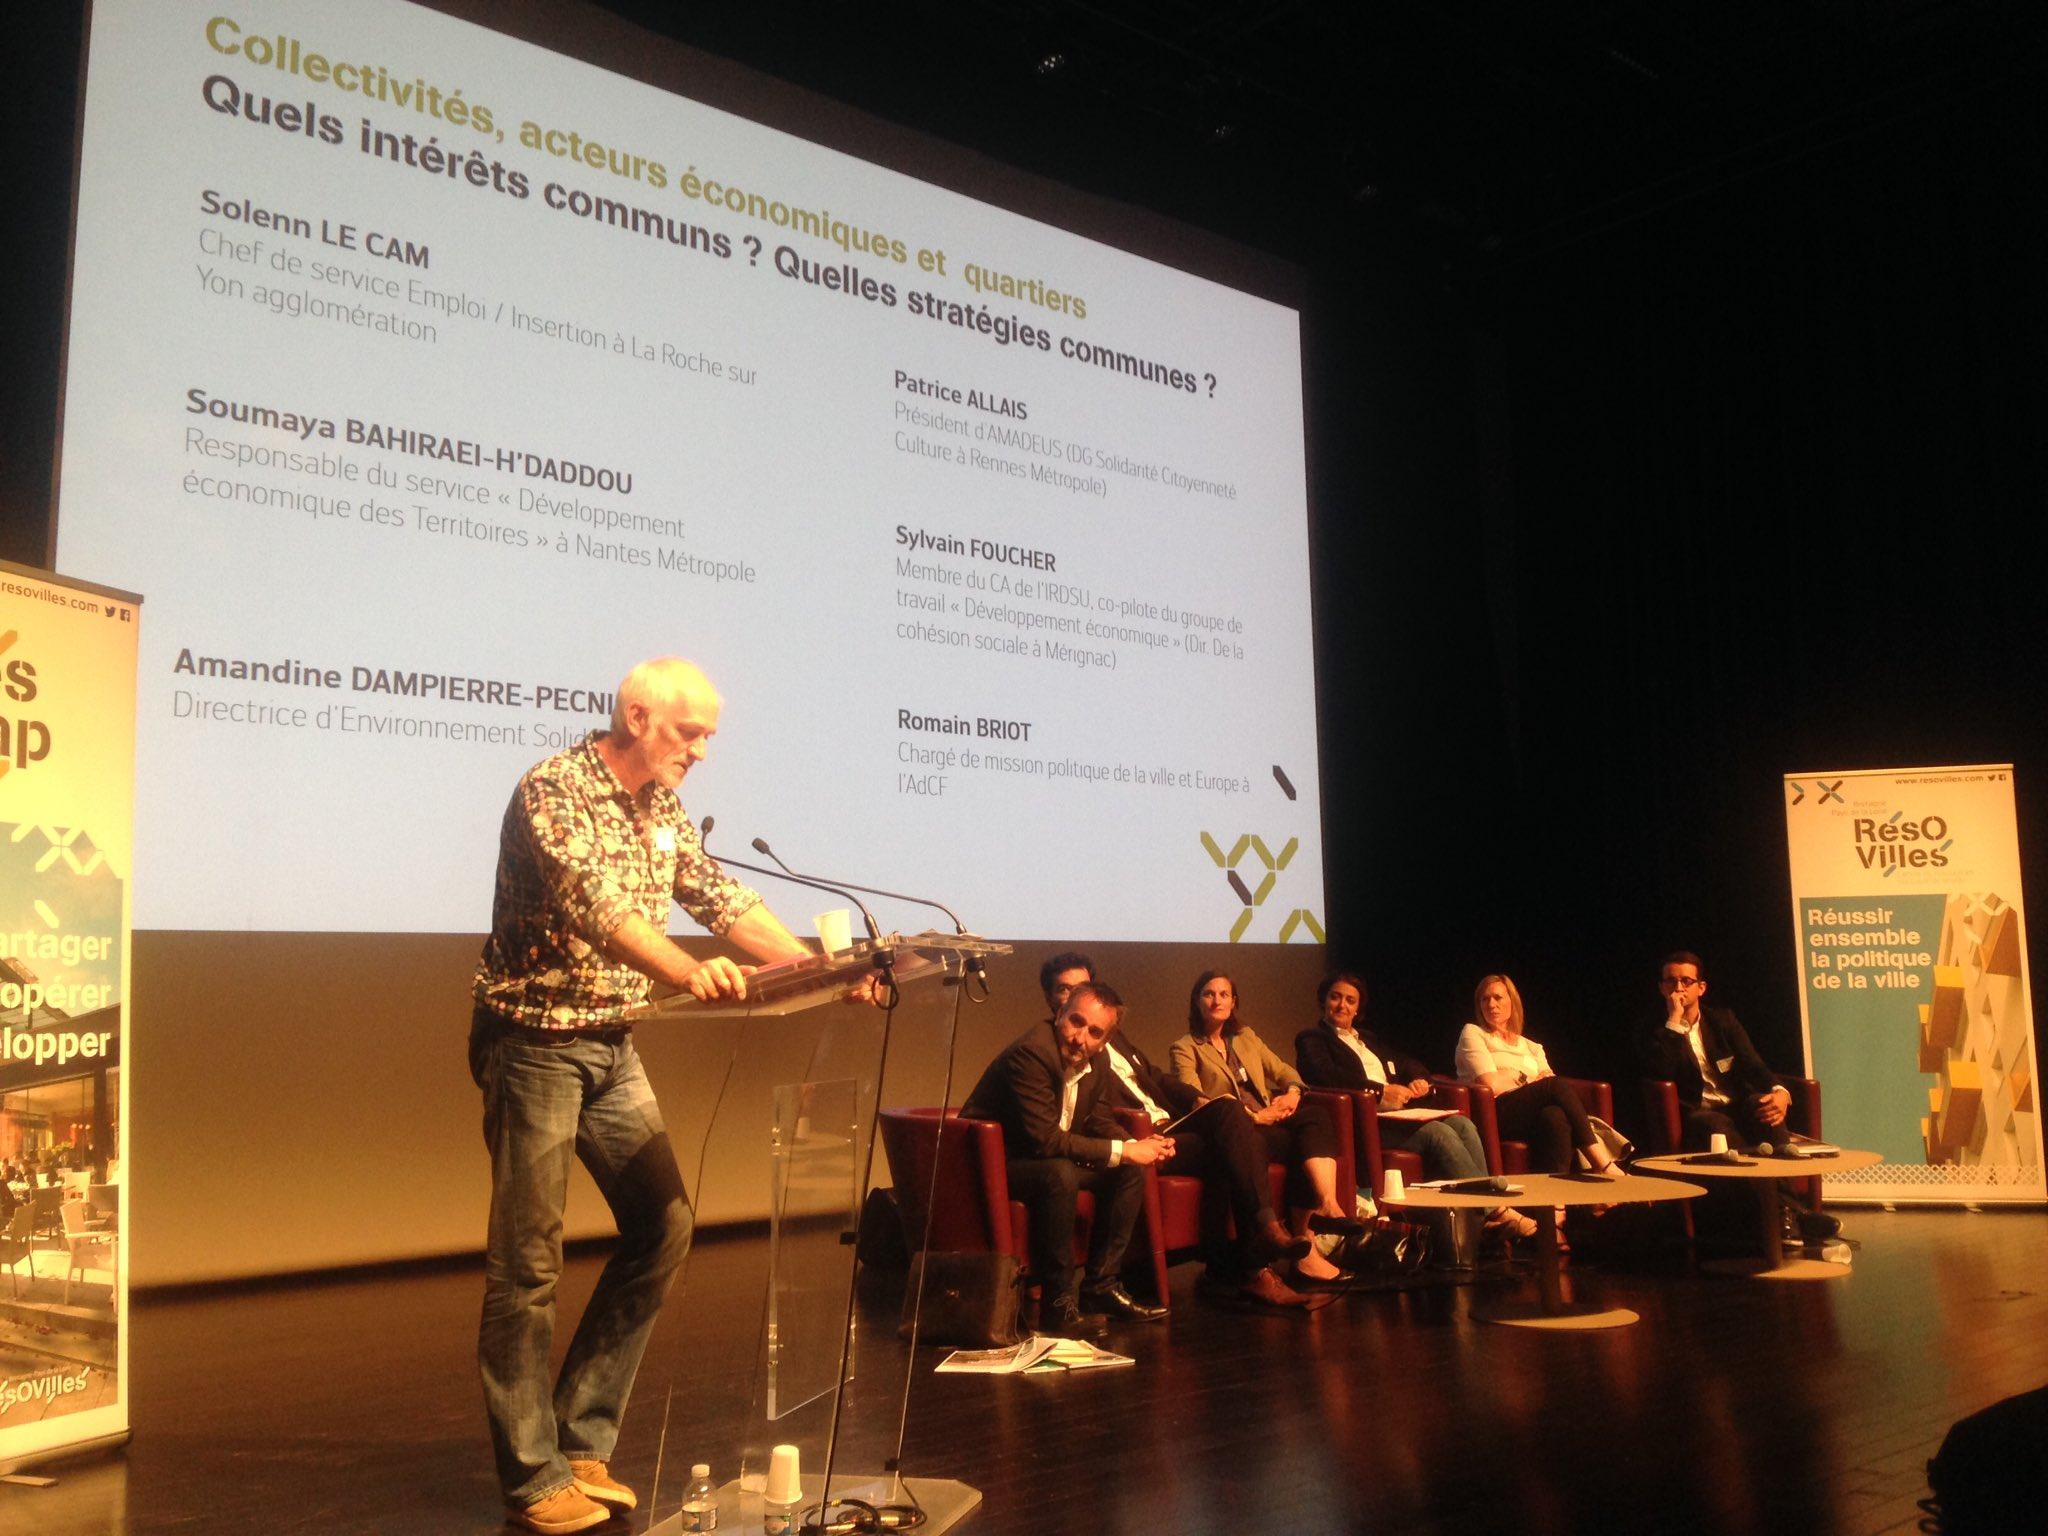 @irdsu et Amadeus à l'animation  de l'atelier dev eco/collectivités/quartiers à #CitesCAP @resovilles : coordonner, adapter, innover... https://t.co/yv0BORc09h